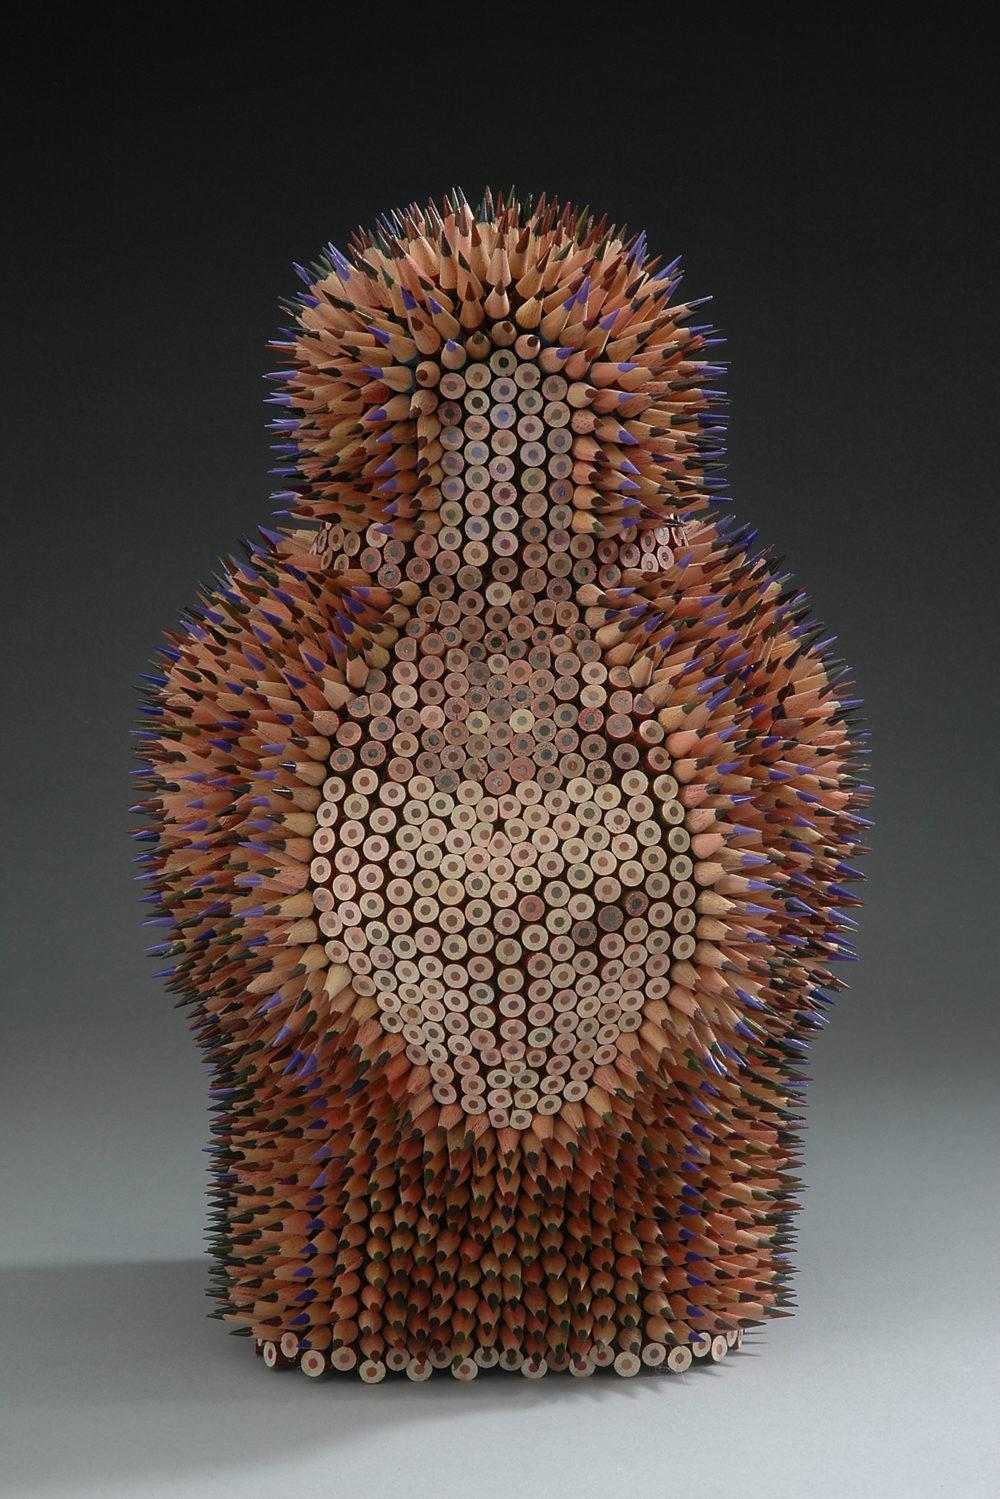 colored pencil sculpture by jen maestre | Felder Gallery